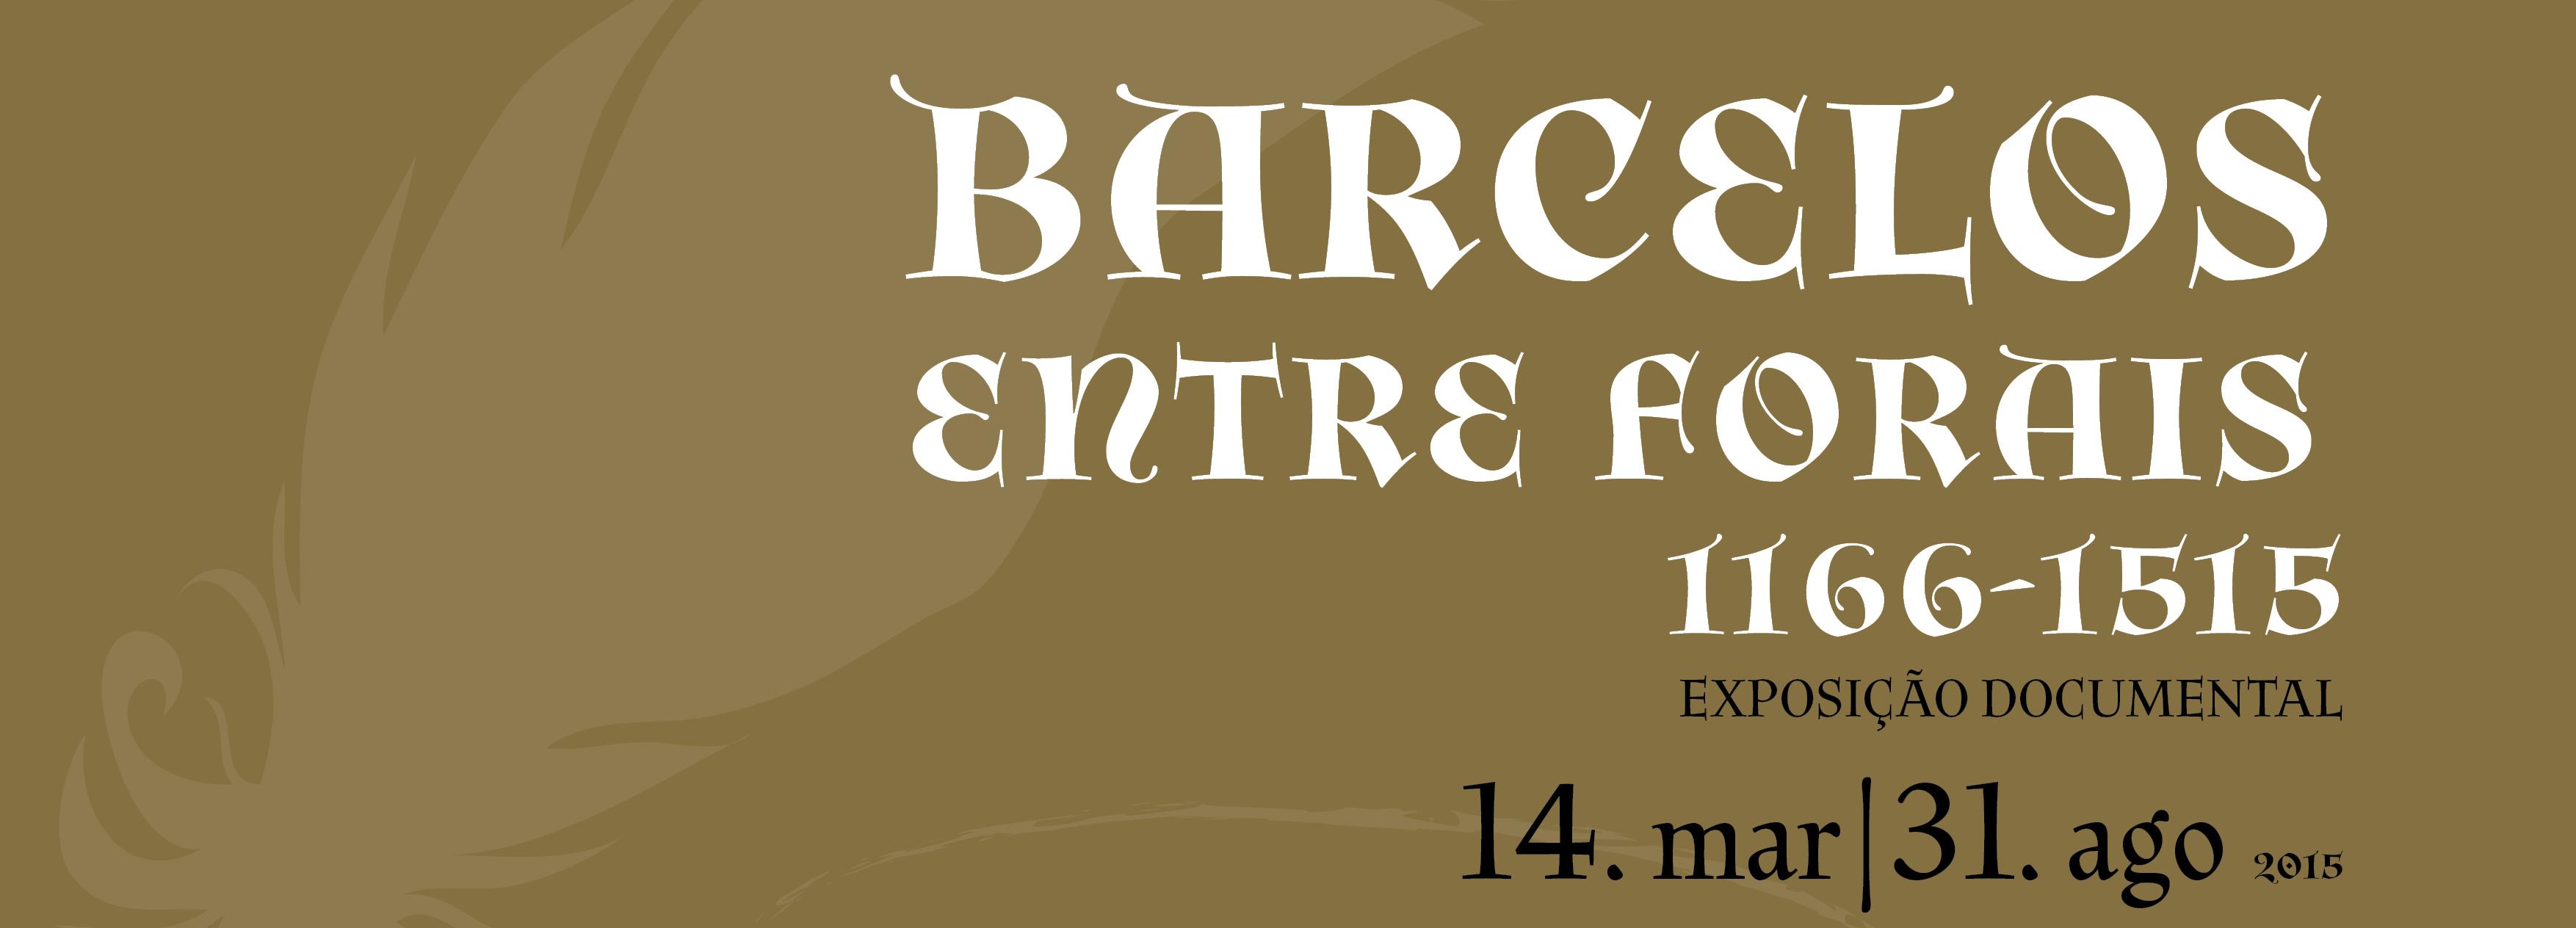 """Exposição Documental  """"Barcelos entre Forais: 1166-1515"""""""